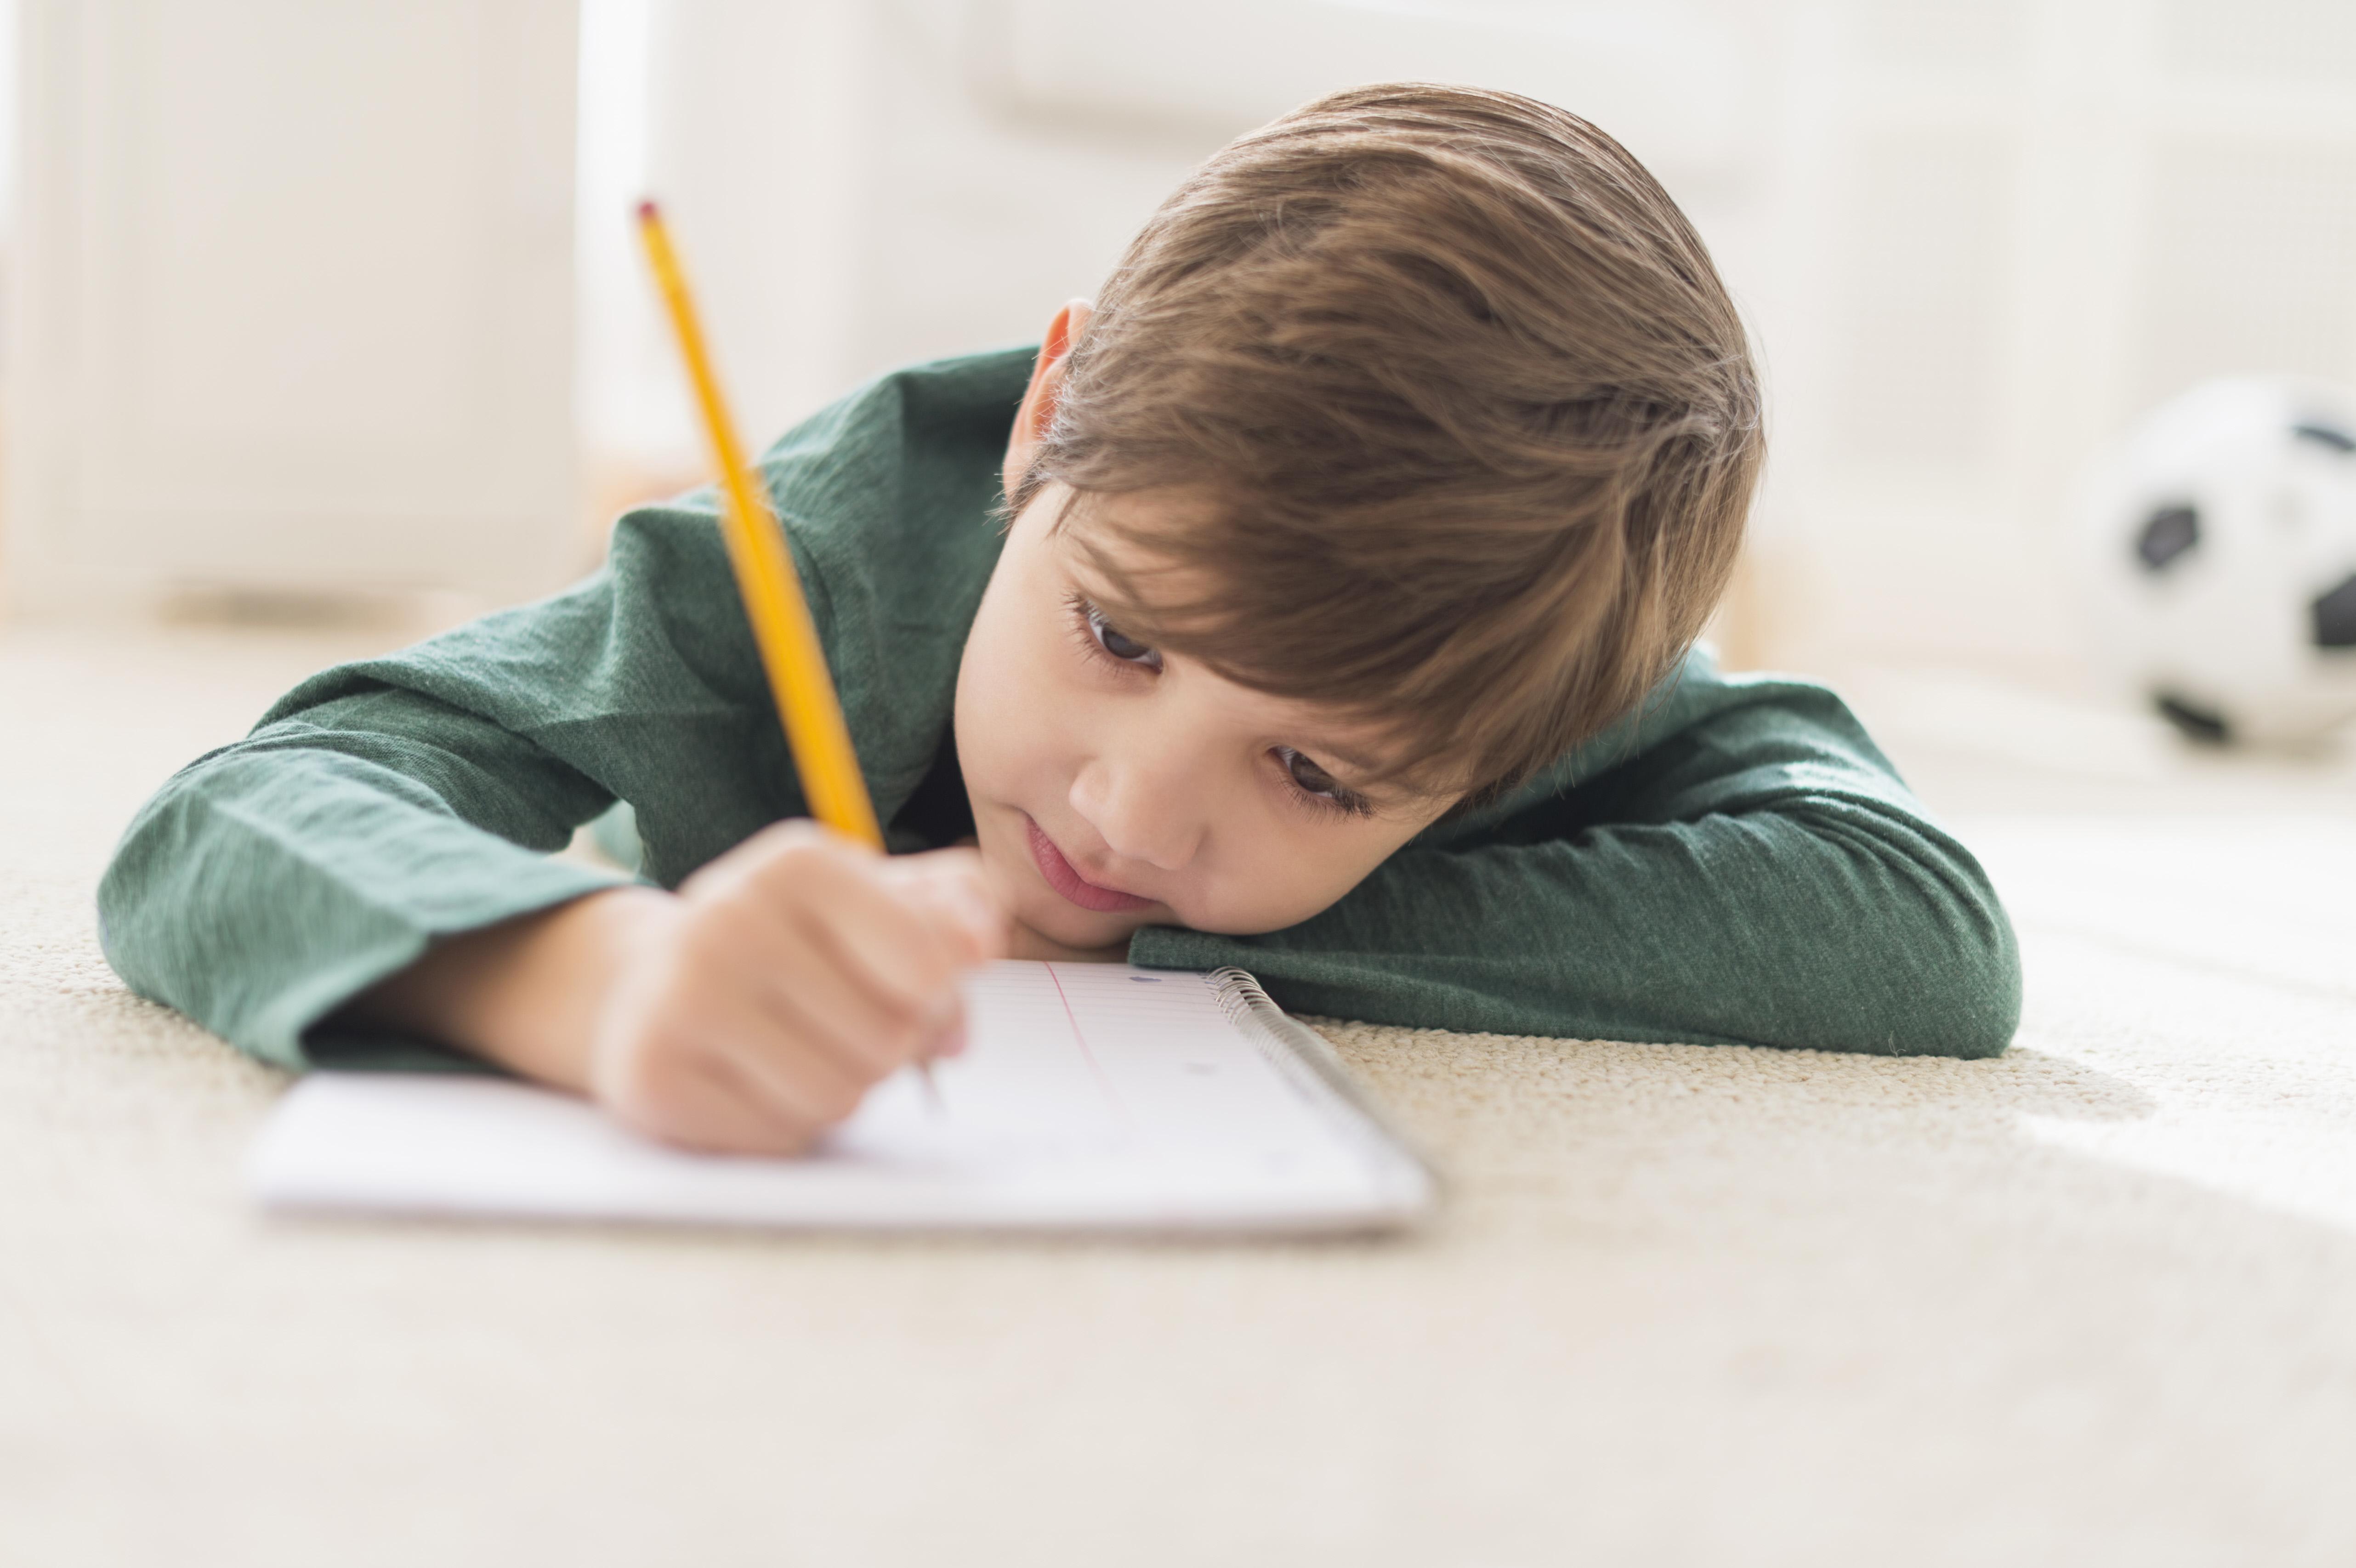 Mesajele iraționale pe care le transmitem copiilor noștri fără s-avem habar de impactul lor. Te invit să schimbi scenariul!